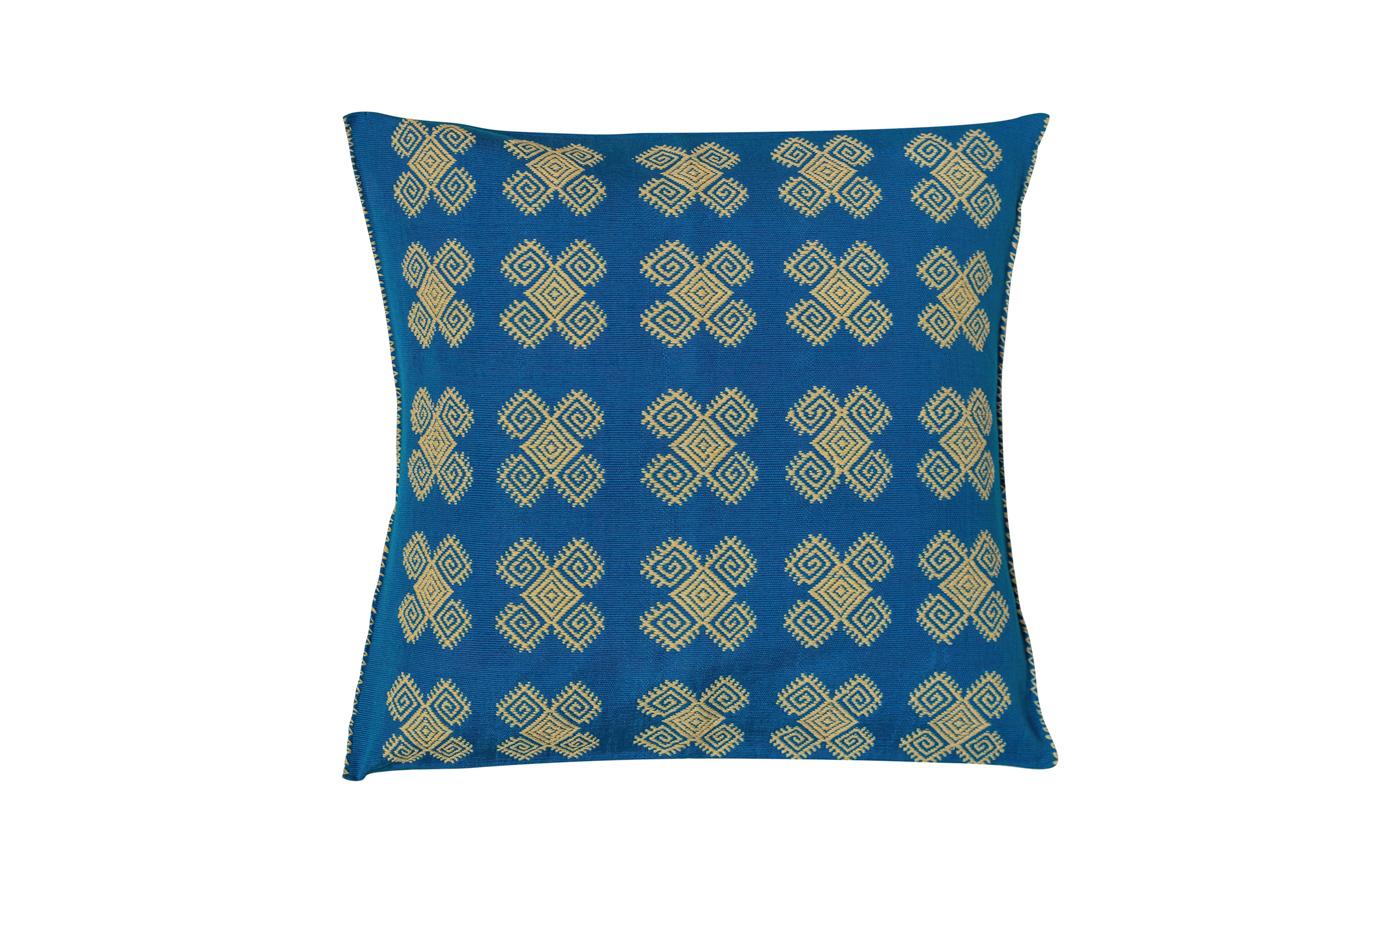 Cojín Mexicano en algodón con patrones geométricos-azul